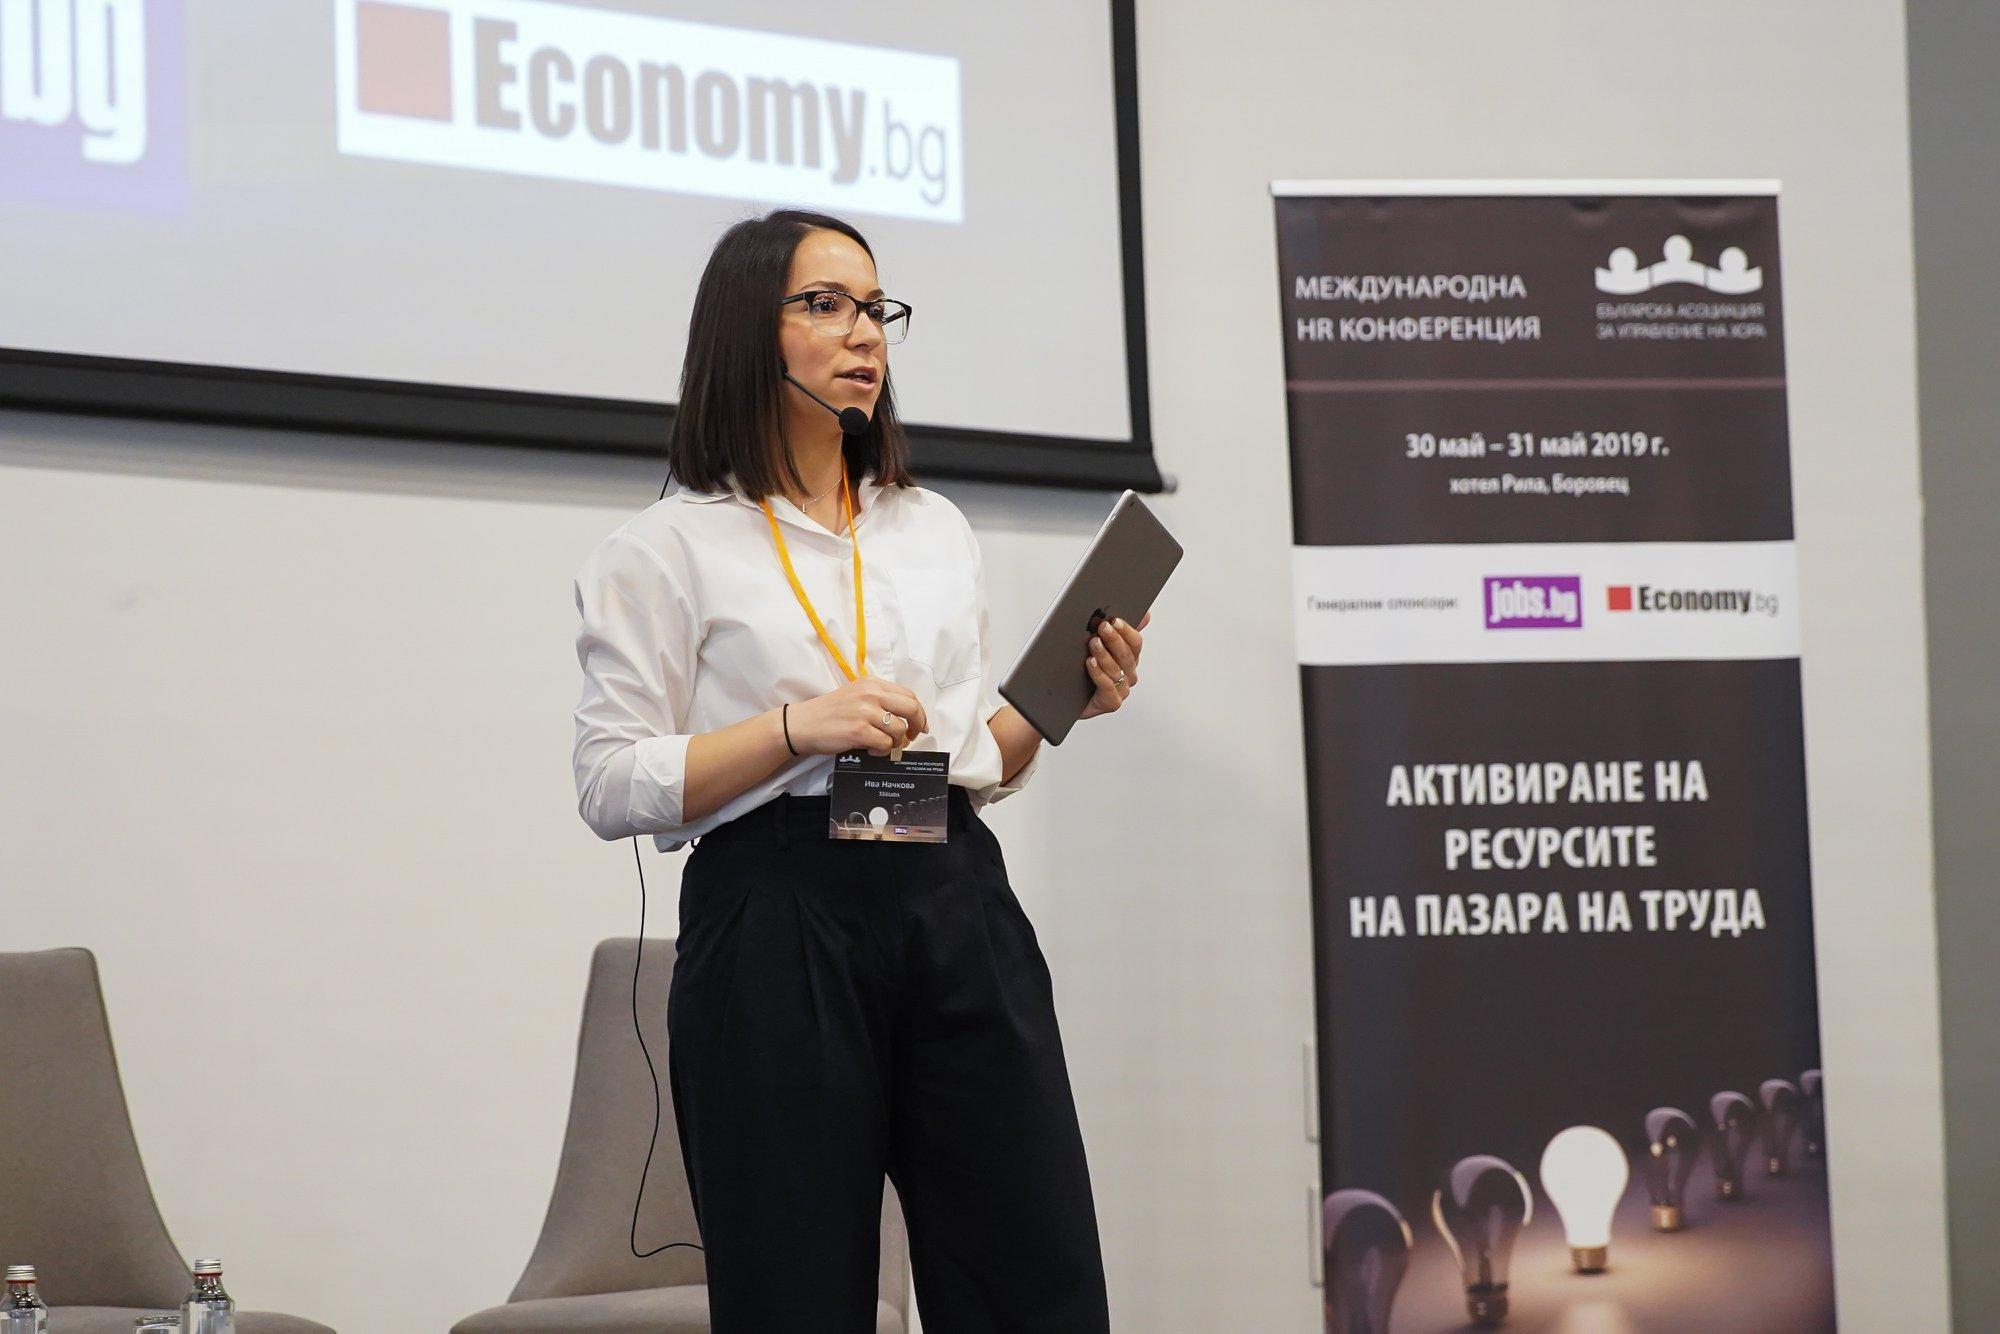 Iva Nachkova public speaking and moderating